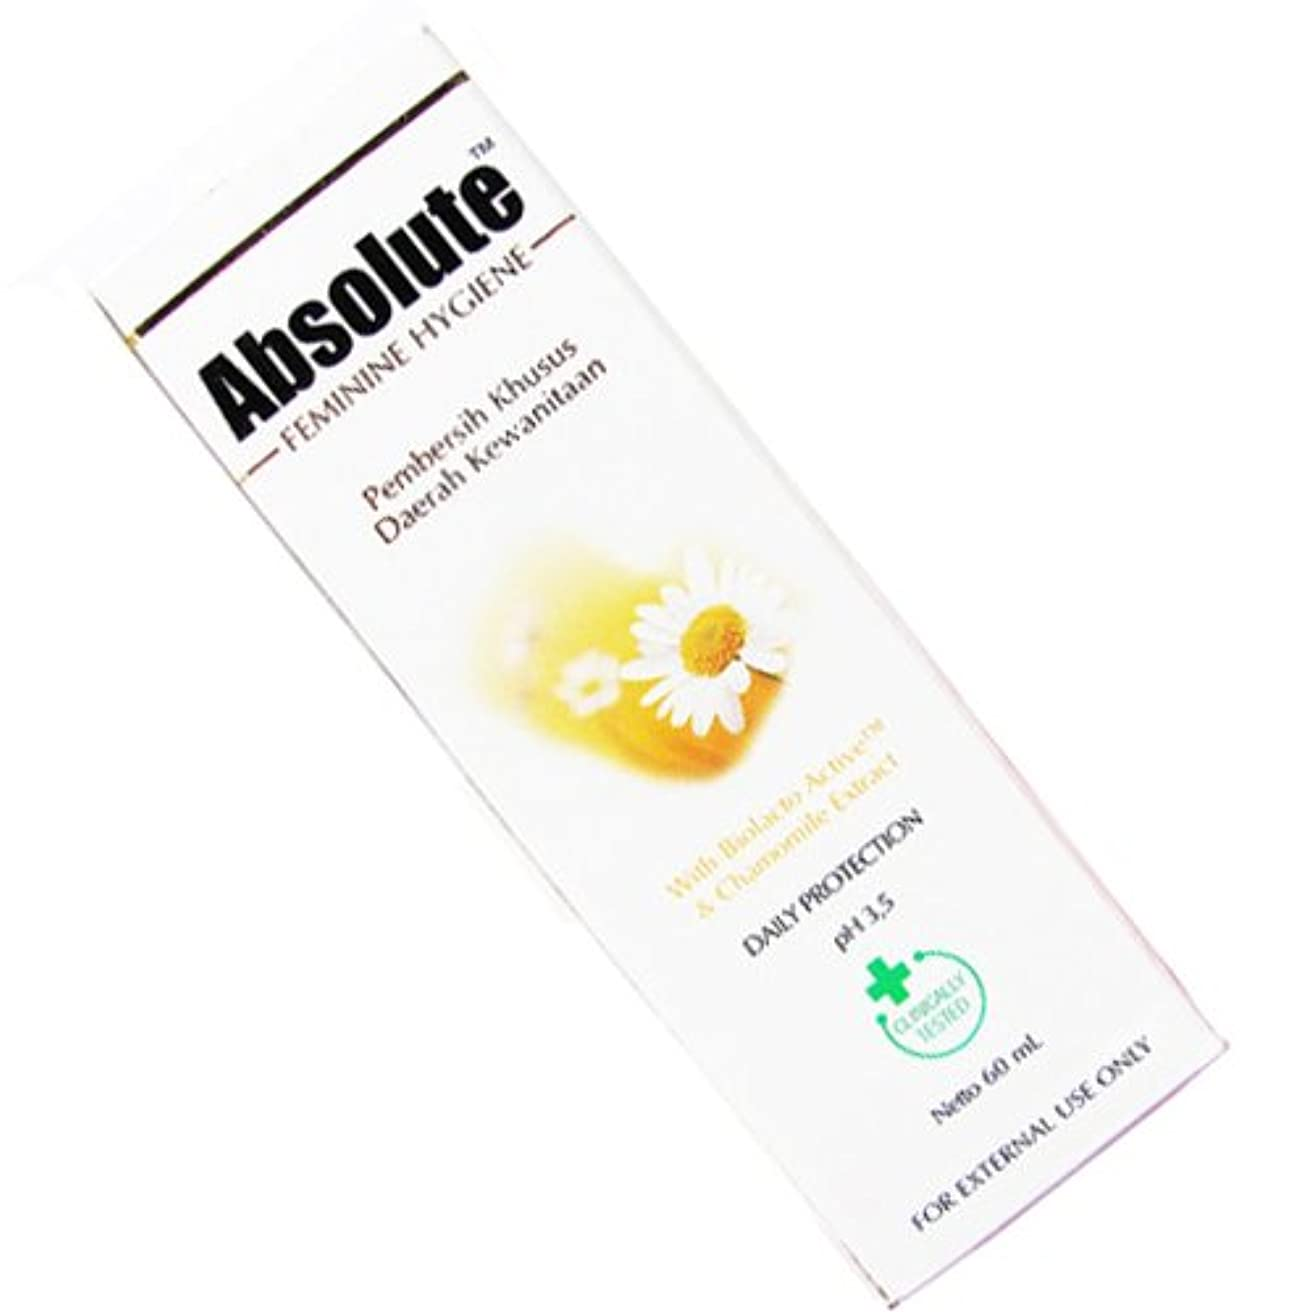 ボリュームとまり木保護するAbsolute(アブソリュート)女性用液体ソープ 60ml [並行輸入品][海外直送品]